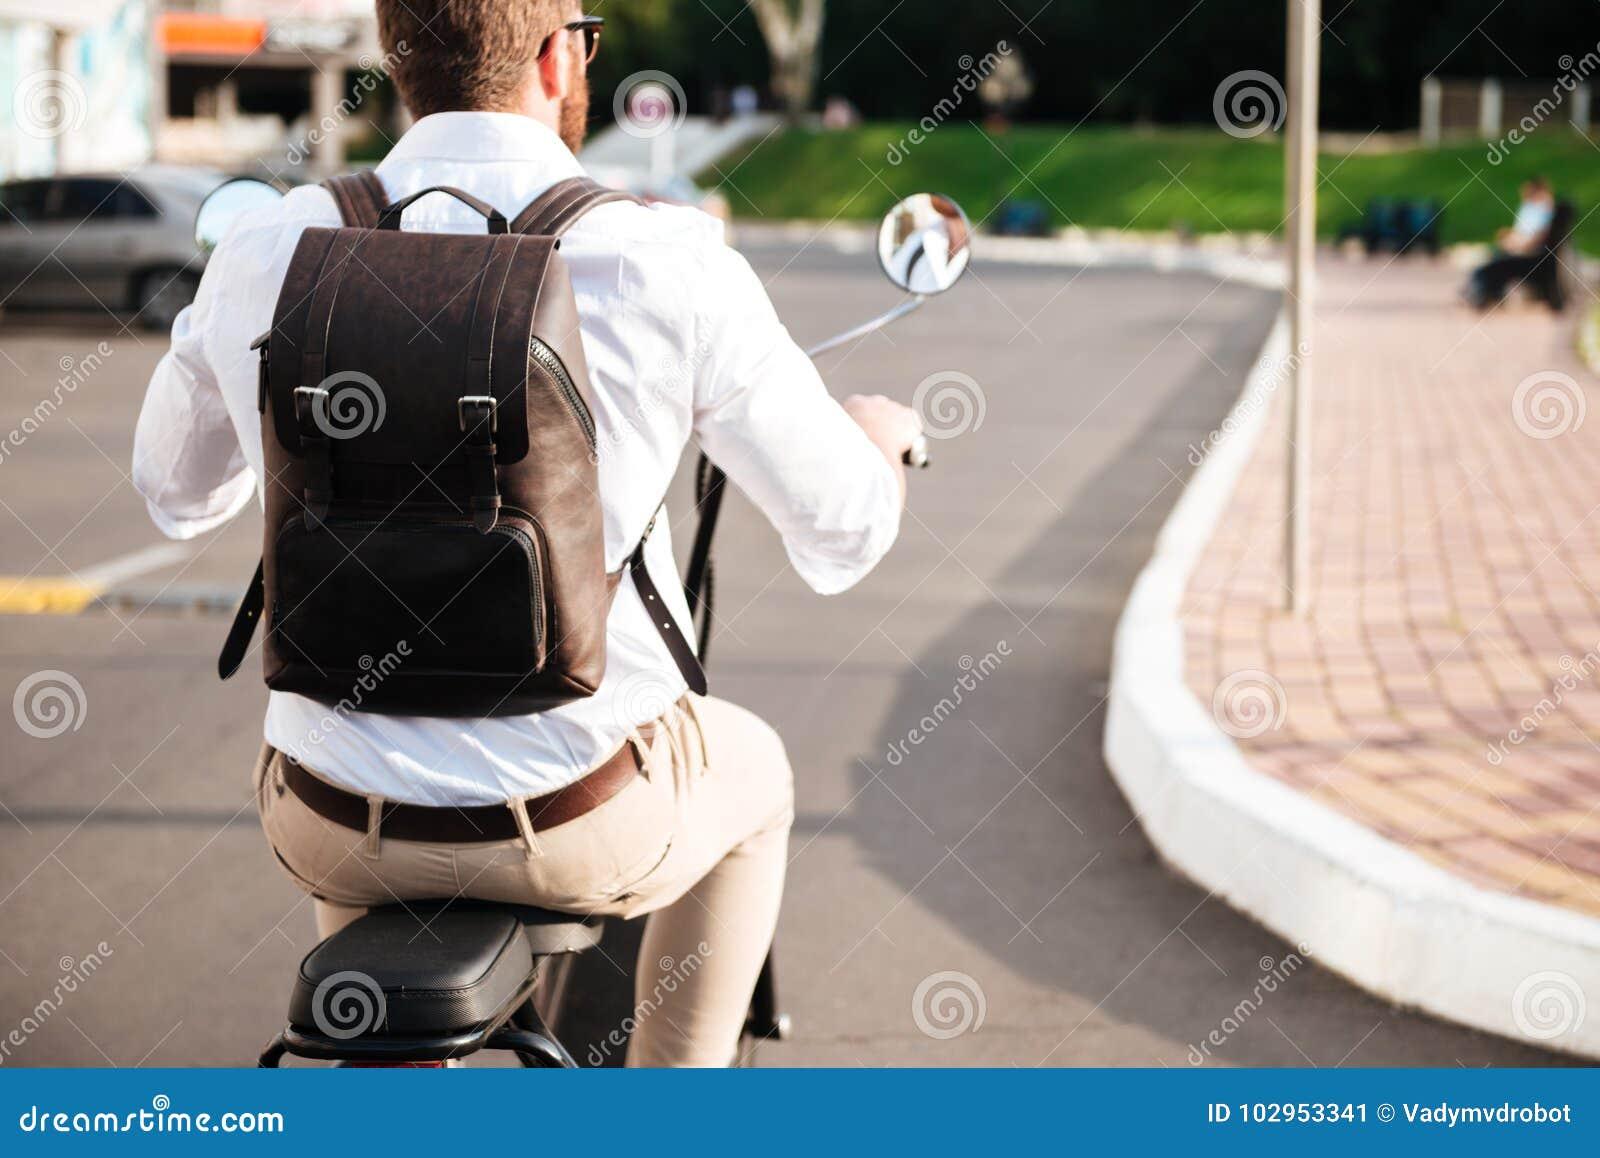 Den kantjusterade tillbaka sikten av mannen med ryggsäcken rider på mopeden